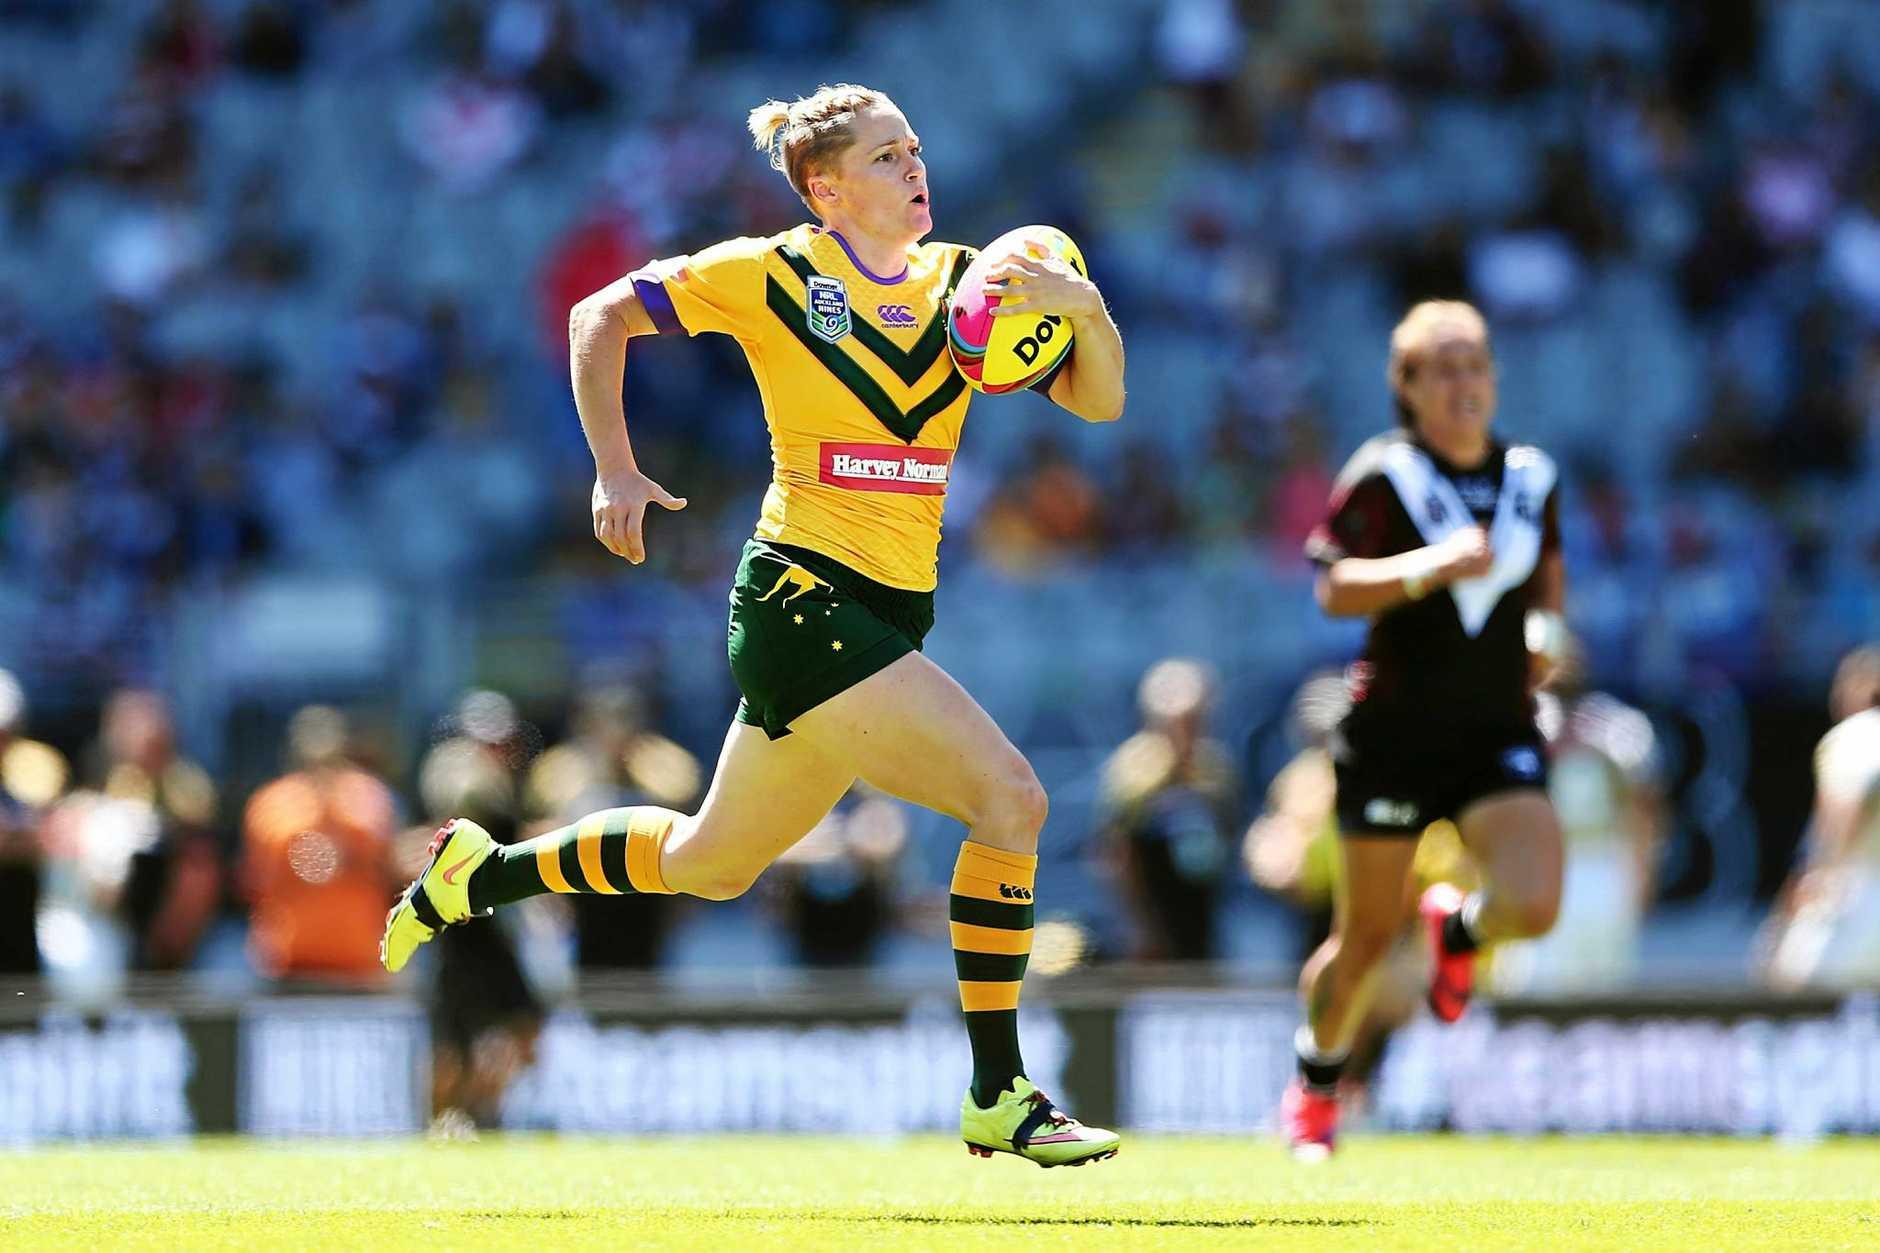 Chelsea Baker, of the Australian Jillaroos, makes a break on her way to score a try